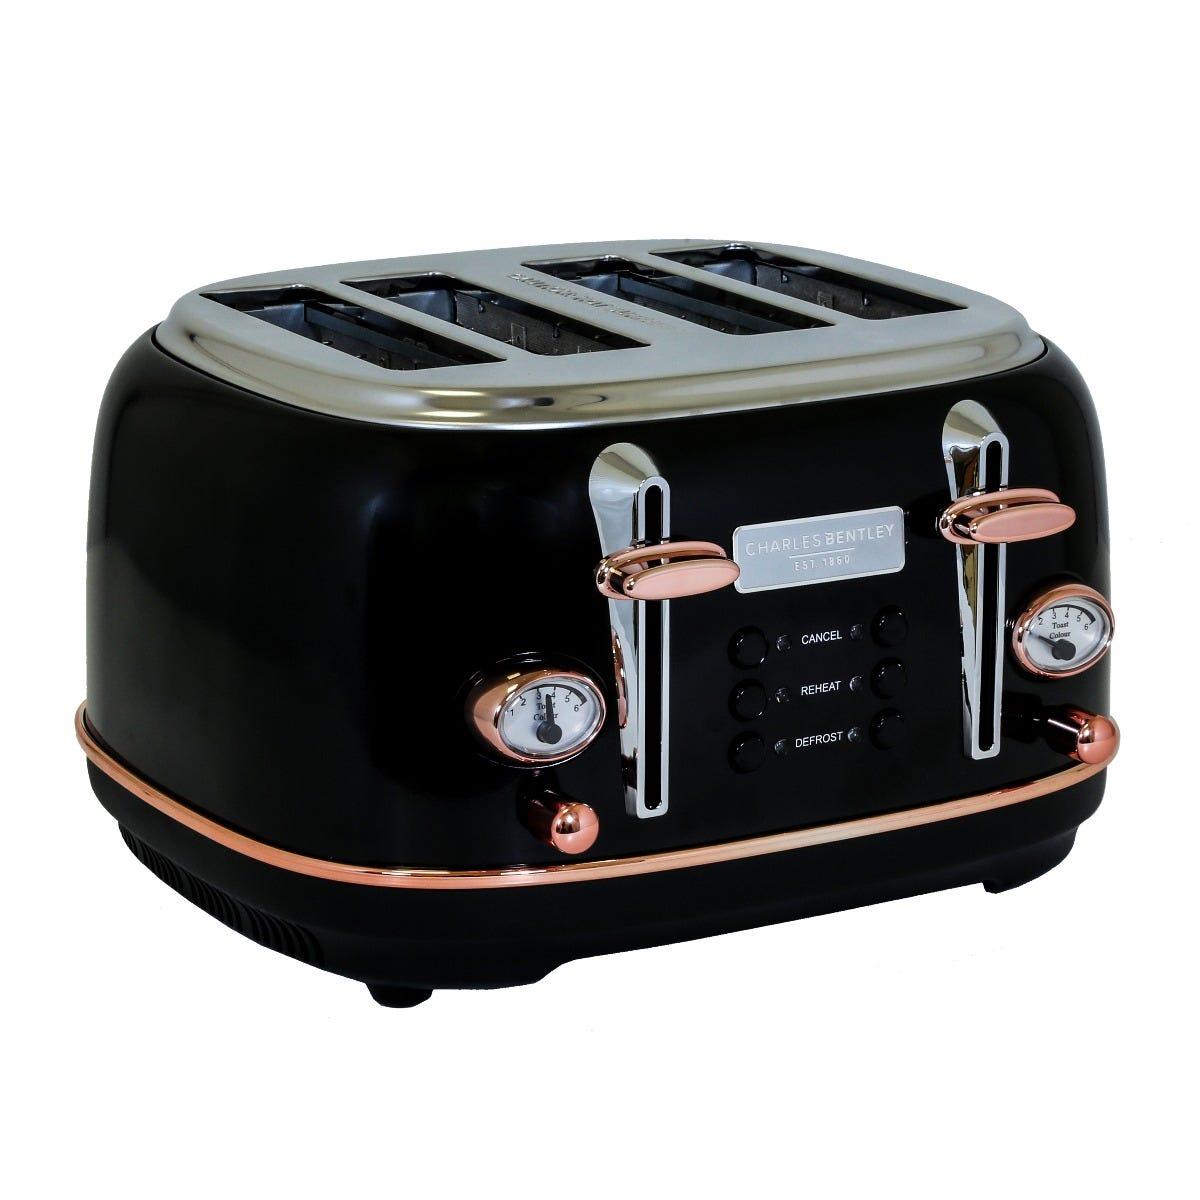 Charles Bentley TORE01BLK 4 Slice Toaster - Black & Rose Gold